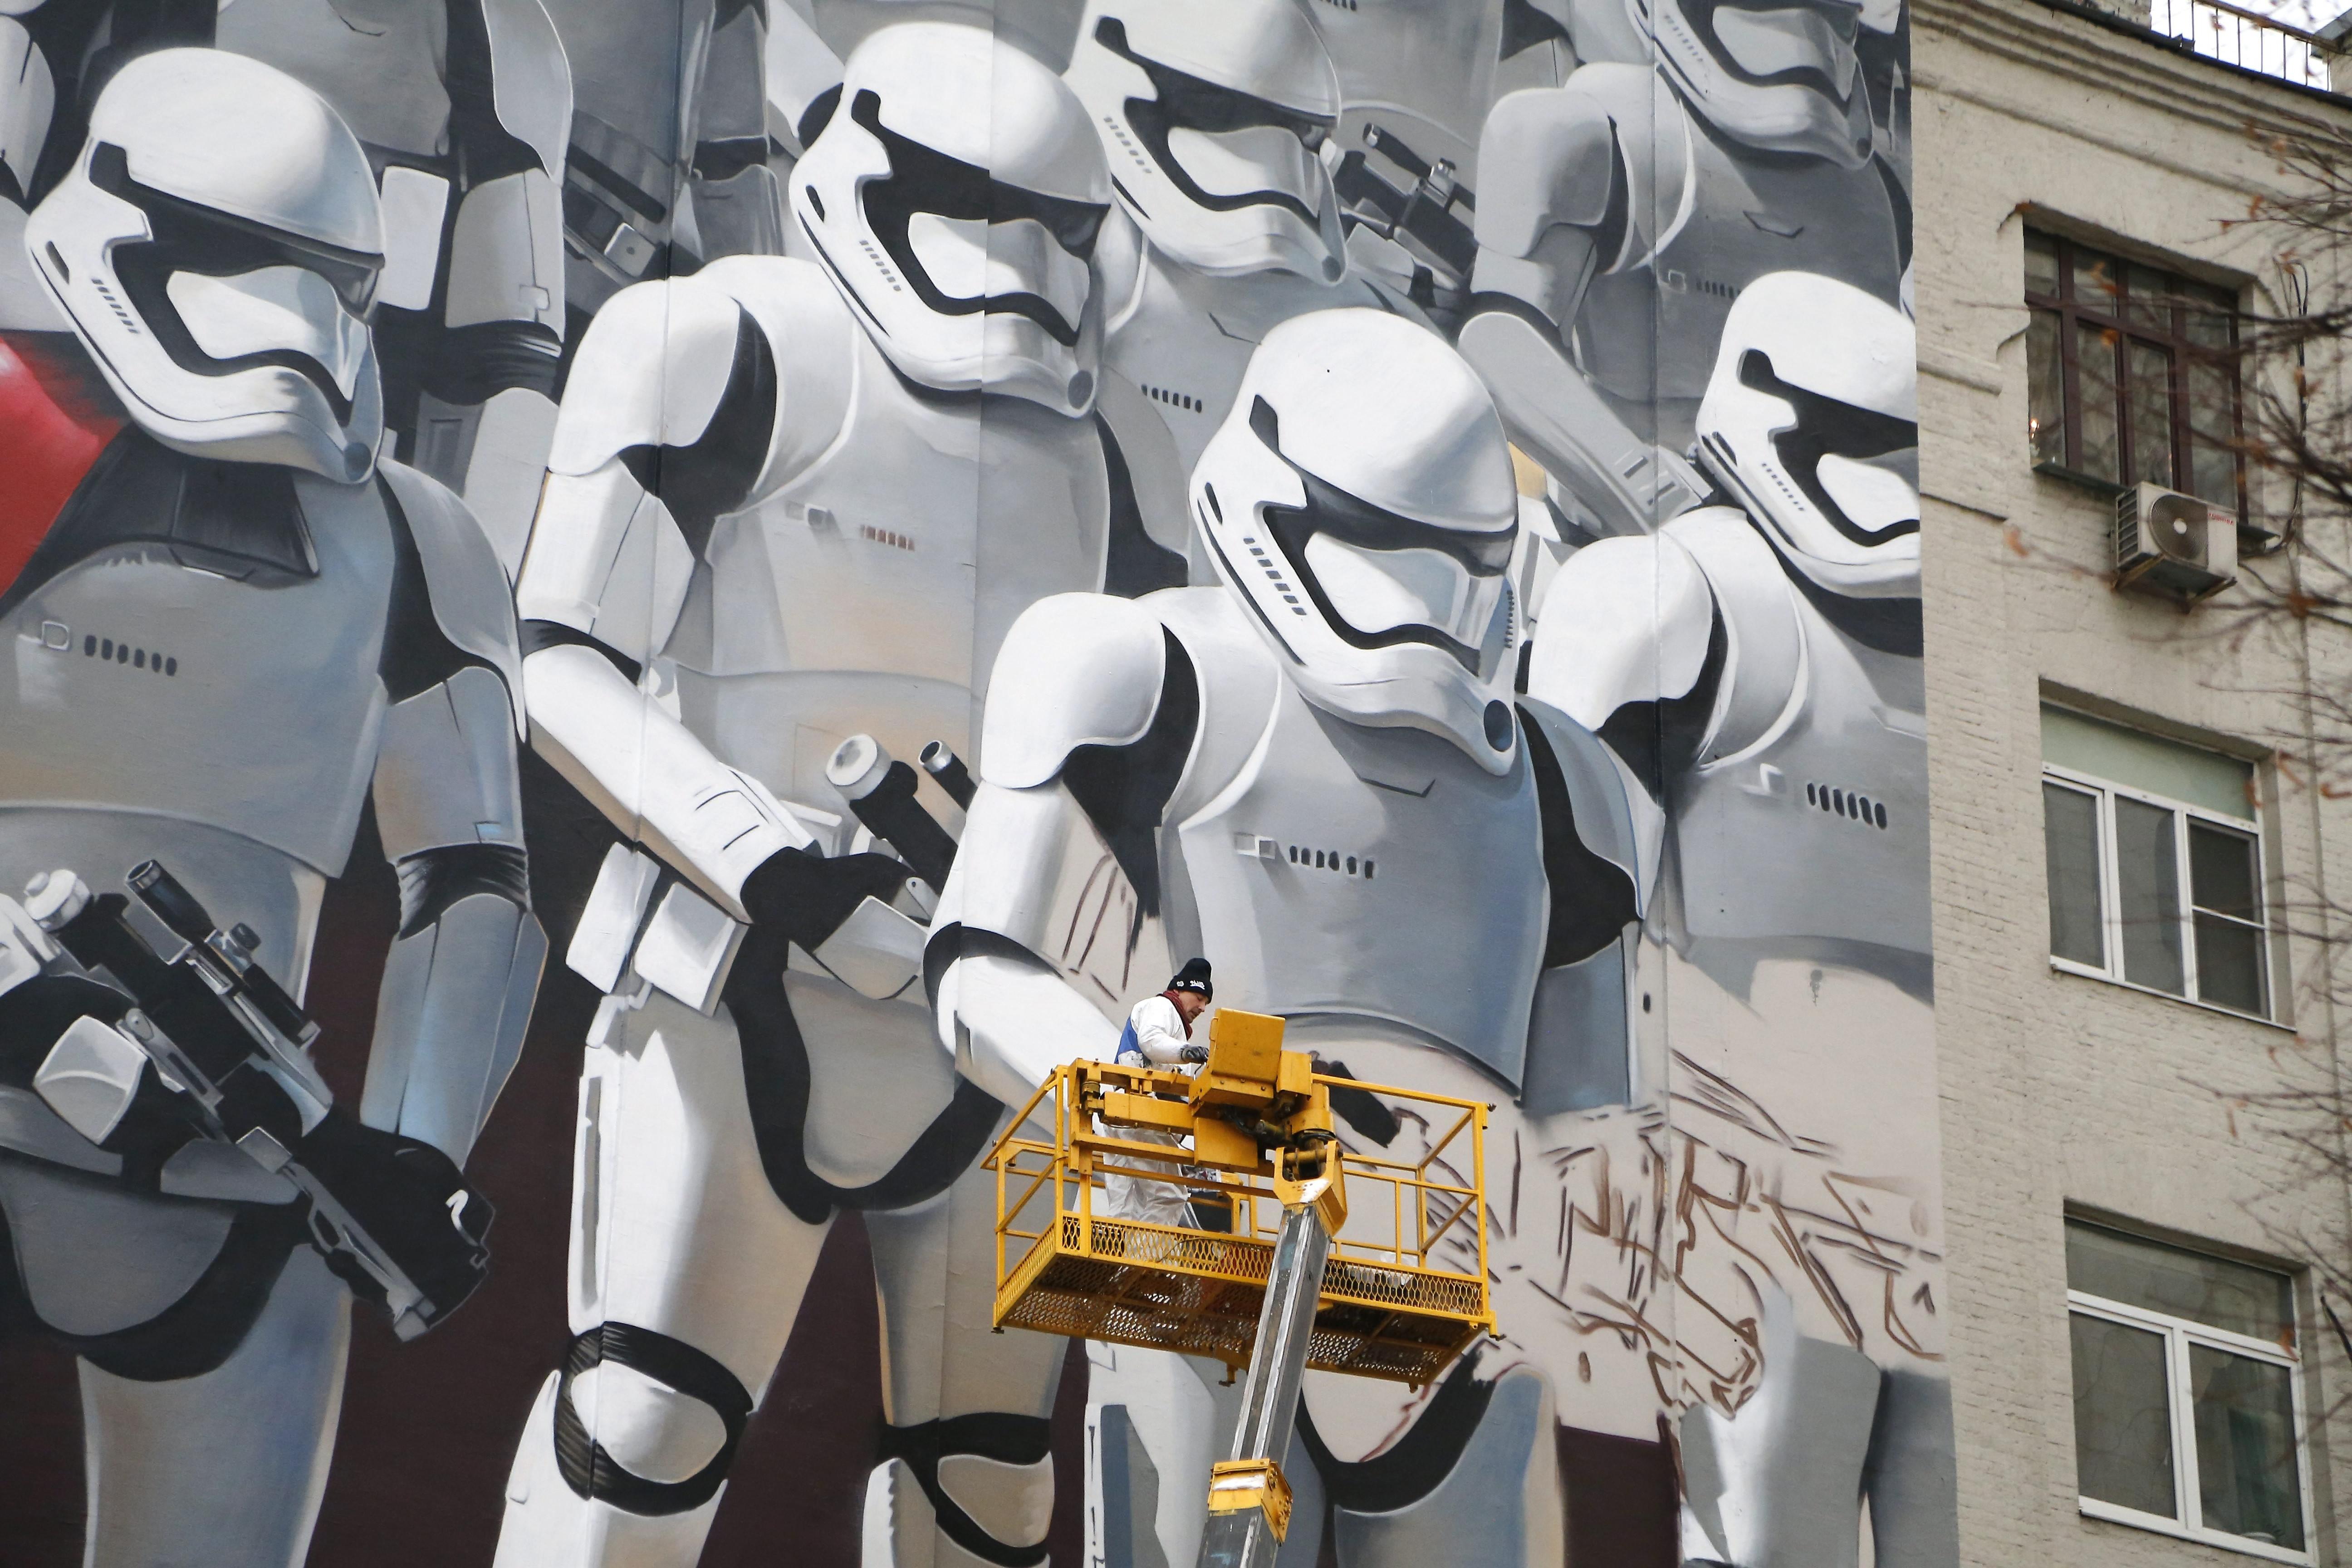 """Уметникот Артур Кашак црта графити на војници од Империските вооружени сили од филмскиот серијал """"Војна на ѕвездите"""" на фасадата на една зграда во Москва, Русија. Кашак го создава своето дело по повод претстојната руска премиера на новото продолжение од филмот """"Војна на ѕвездите 7: Будење на силата""""."""